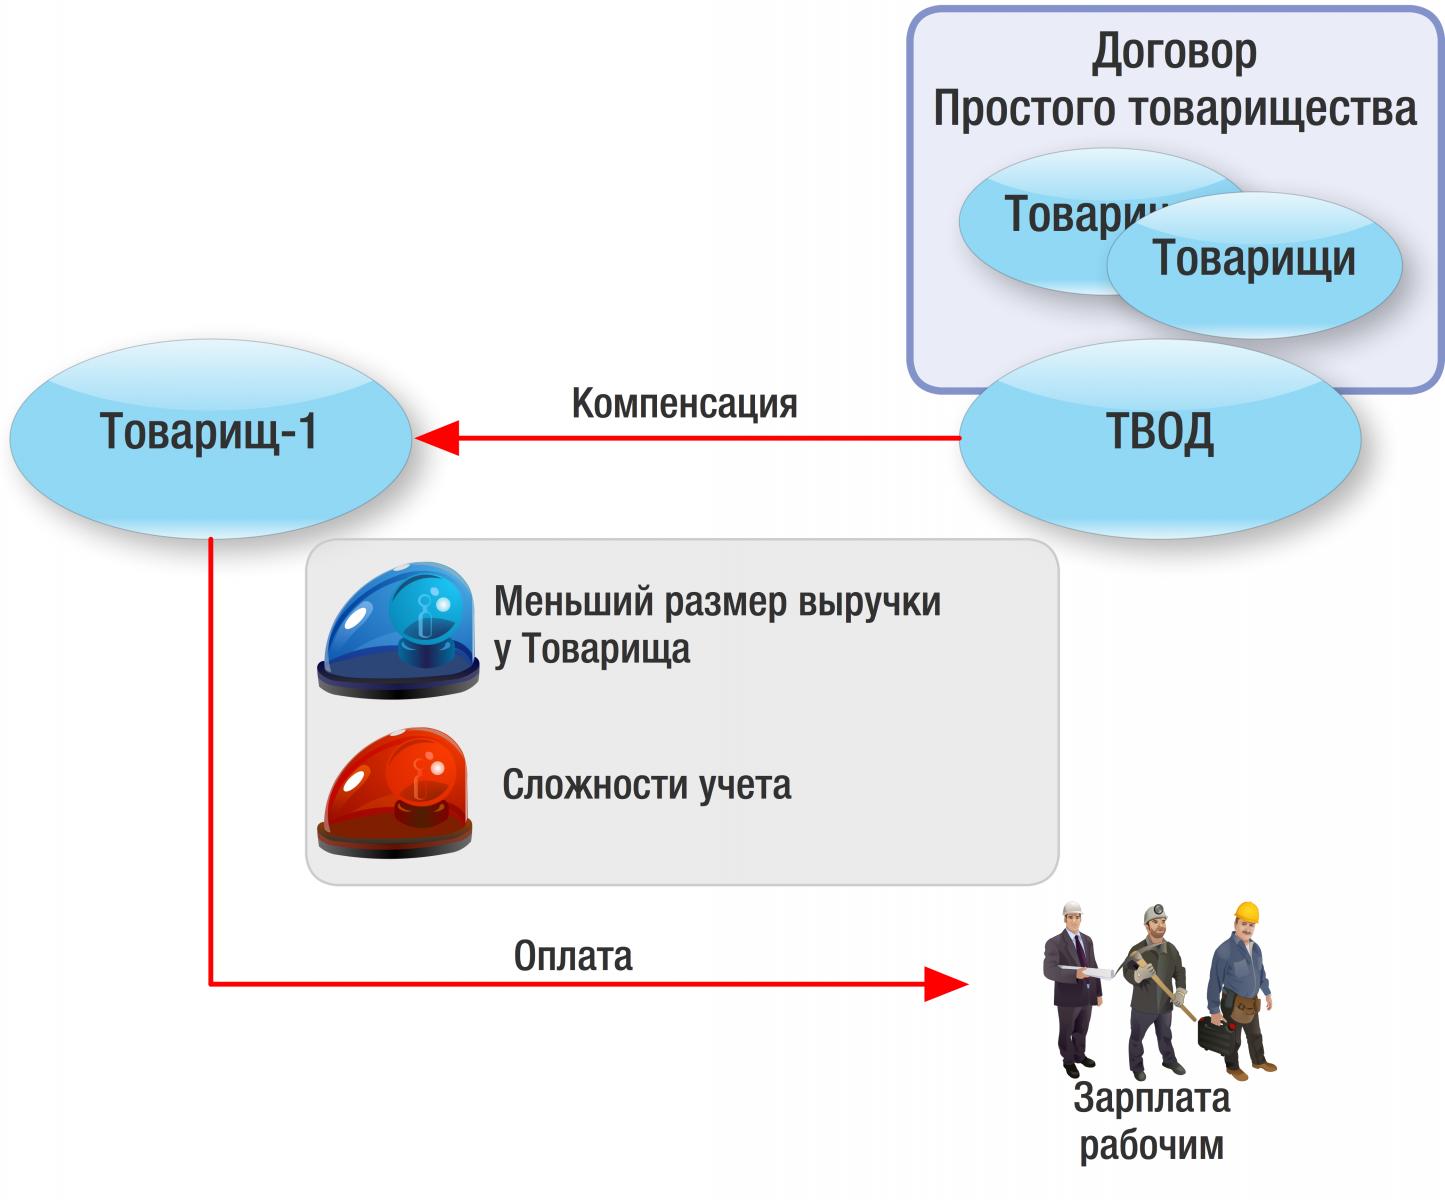 zp-tovarischestvo2.png